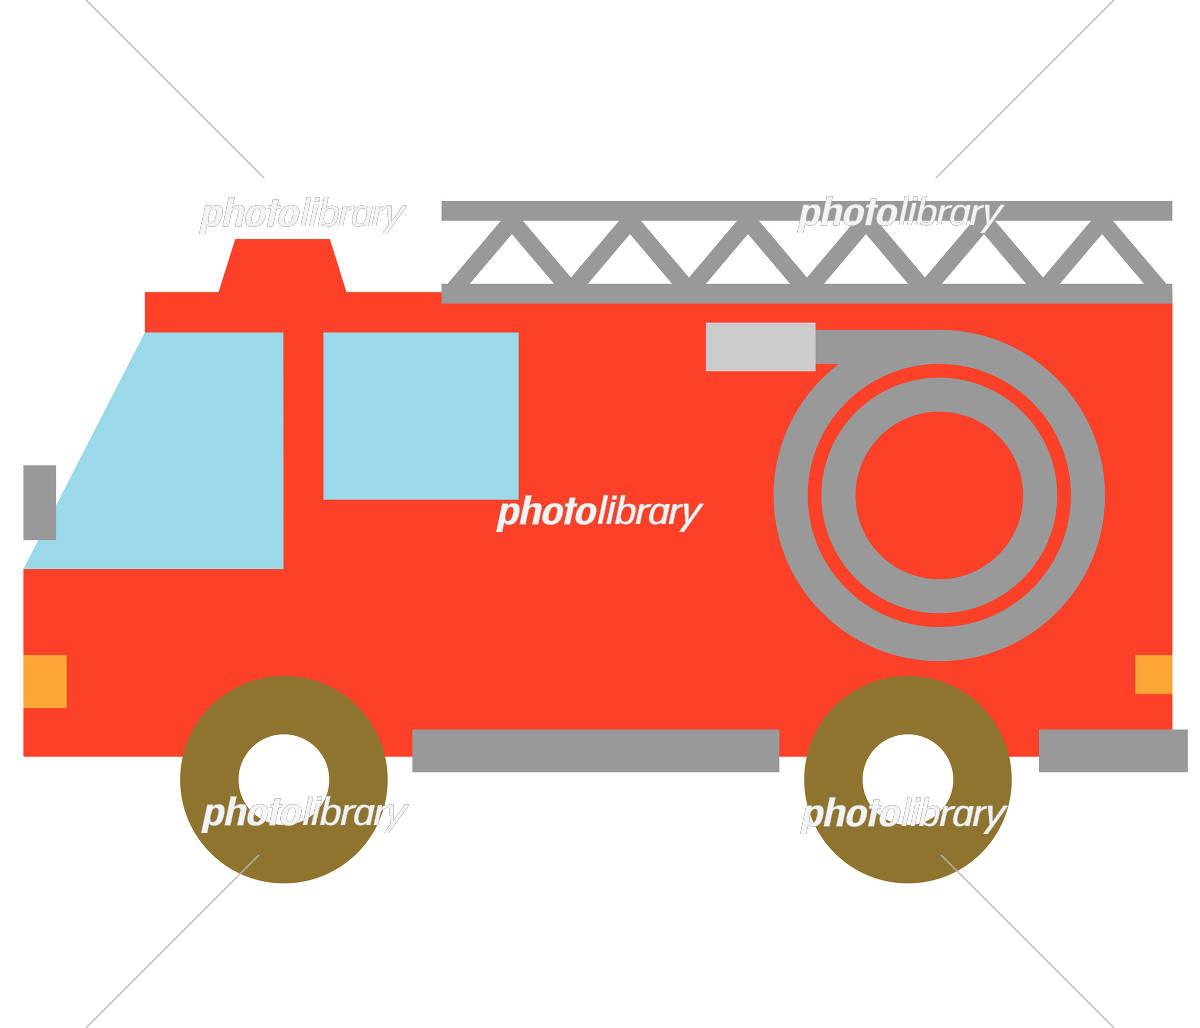 消防車 イラスト素材 1771651 フォトライブラリー Photolibrary